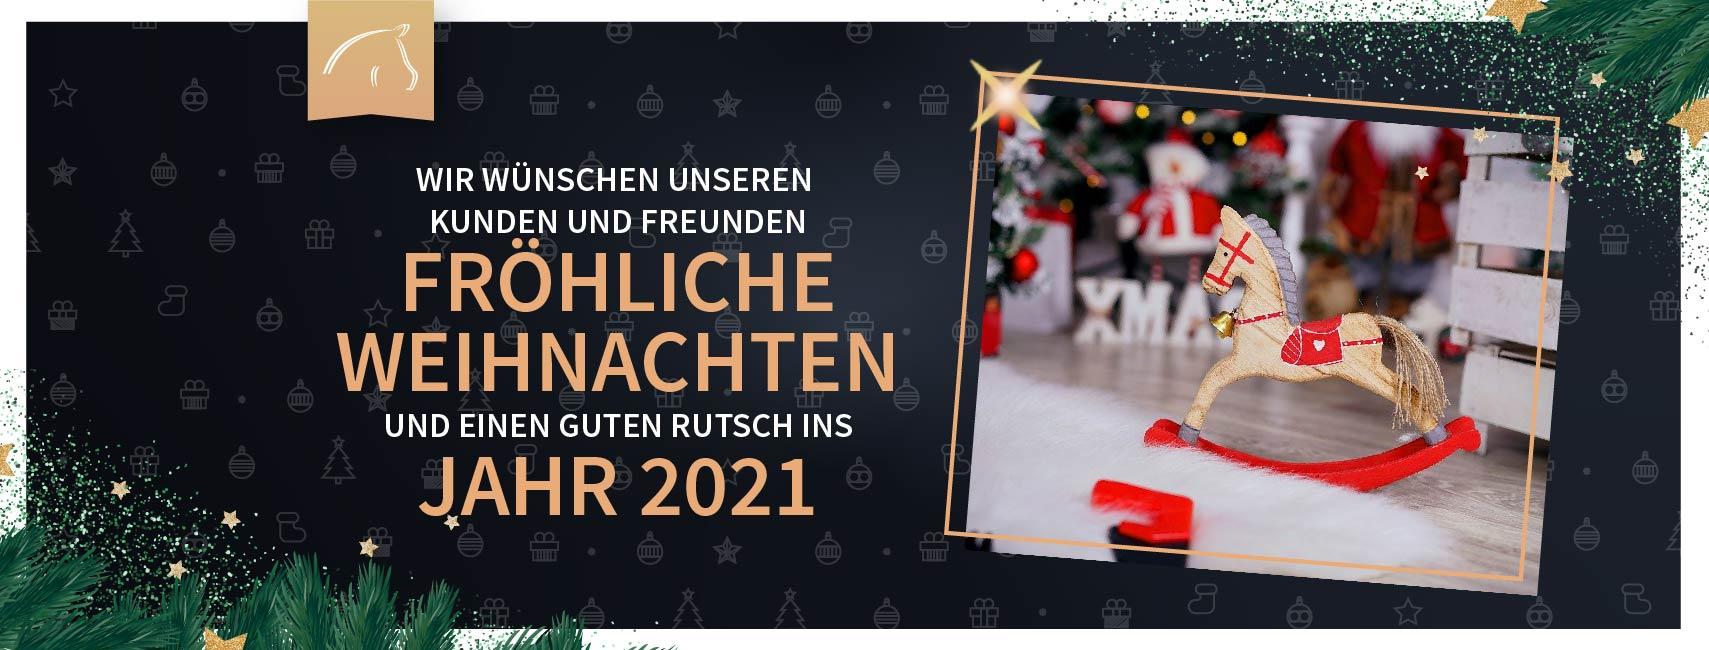 Frohe Weihnachten und einen fröhlichen Rutsch ins 2021